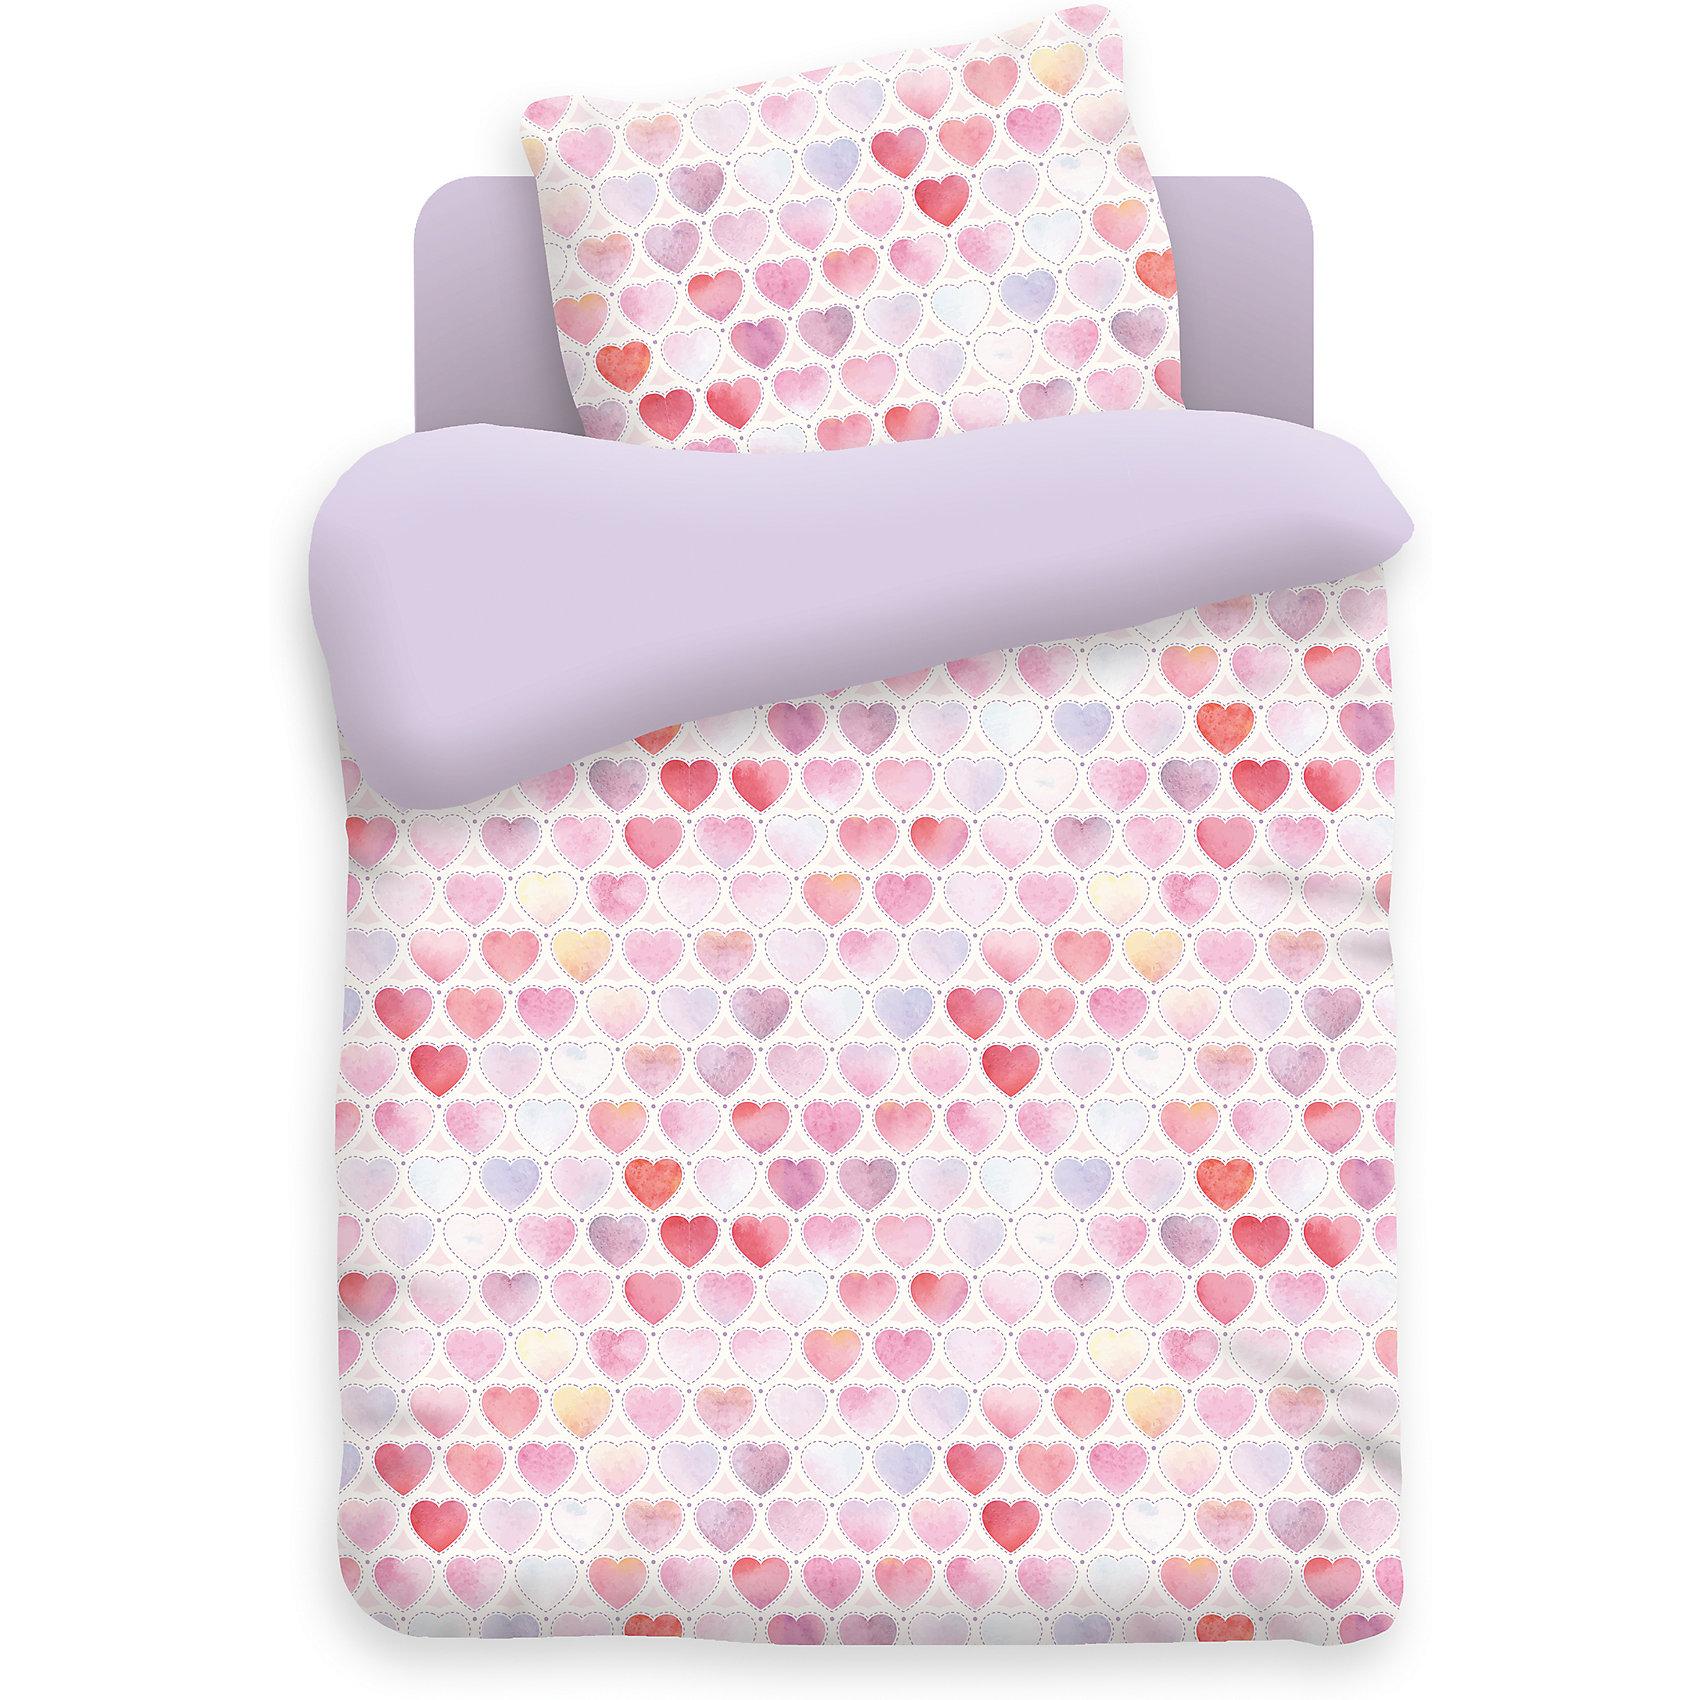 Постельное белье 1,5 сп. на резинке Сердечки, бязь, Непоседа, фиолетовыйДомашний текстиль<br>Комплект детского постельного белья на резинке Сердечки, бязь, Непоседа, фиолетовый<br><br>Характеристики:<br><br>• прочное и износостойкое<br>• хорошо пропускает воздух<br>• удобная резинка<br>• в комплекте: простыня, наволочка, пододеяльник<br>• размер простыни: 150х110 см<br>• размер наволочки: 40х60 см<br>• размер пододеяльника: 112х147 см<br>• материал: бязь (100% хлопок)<br>• плотность: 98 г/м2<br>• размер упаковки: 5х20х30 см<br>• вес: 800 грамм<br>• цвет: фиолетовый<br><br>Белье, украшенное узором из сердечек - то, что нужно для сладких снов маленькой принцессы! Комплект изготовлен из мягкой, прочной бязи, гарантирующей белью высокую износостойкость. Бязь позволяет коже ребенка дышать, хорошо пропуская воздух. Красители на натуральной основе не вызывают аллергии и не вымываются при стирках. Удобная резинка позволит вам закрепить белье на кровати.<br><br>Комплект детского постельного белья на резинке Сердечки, бязь, Непоседа, фиолетовый вы можете купить в нашем интернет-магазине.<br><br>Ширина мм: 300<br>Глубина мм: 200<br>Высота мм: 50<br>Вес г: 800<br>Возраст от месяцев: 36<br>Возраст до месяцев: 216<br>Пол: Женский<br>Возраст: Детский<br>SKU: 5430859